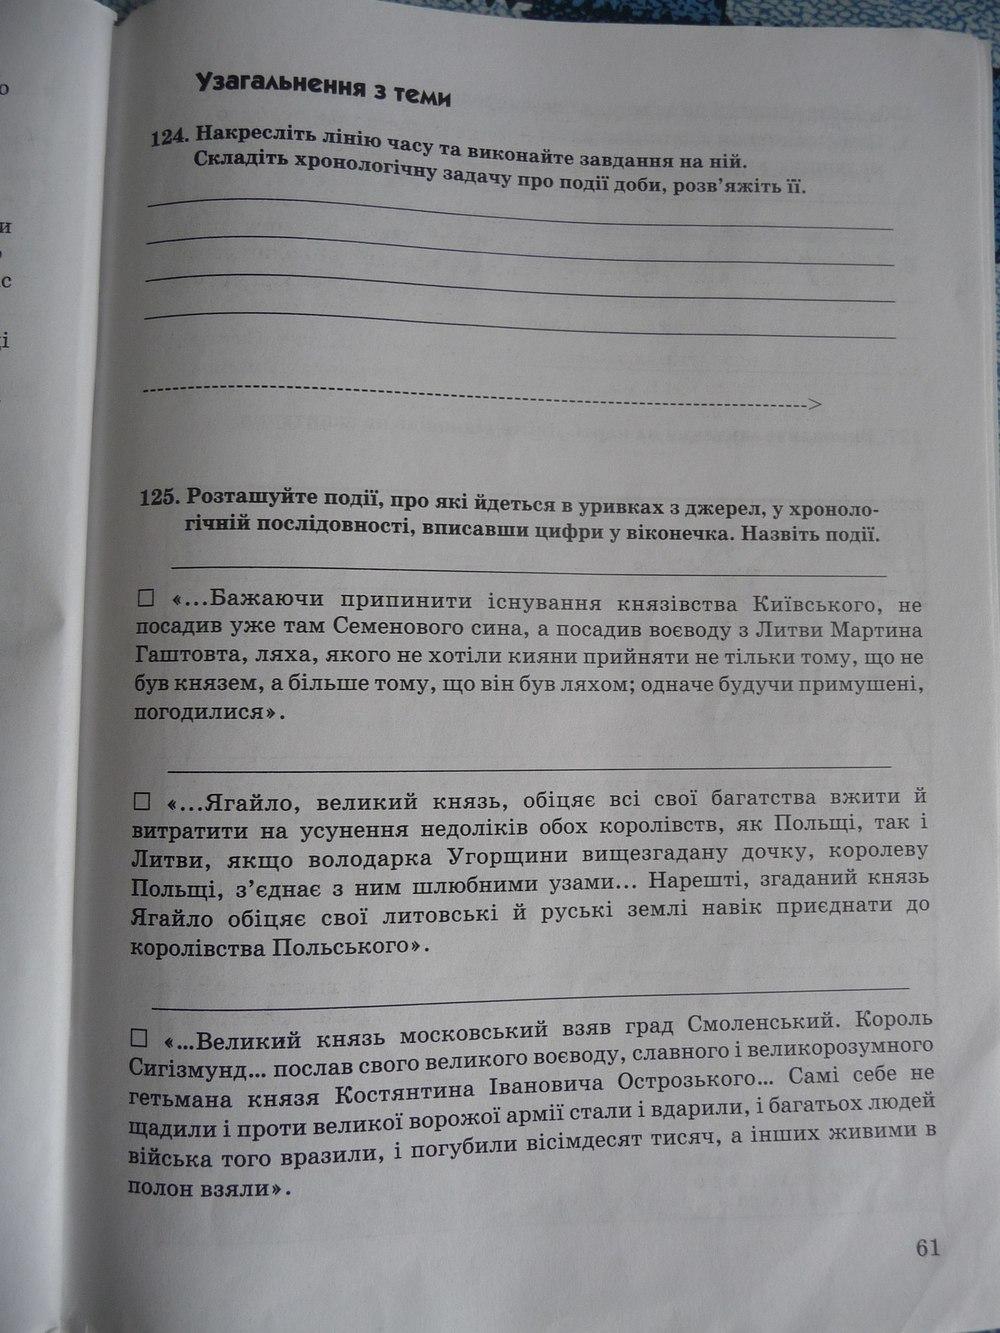 Зошит украины 7 класс власов истории гдз по